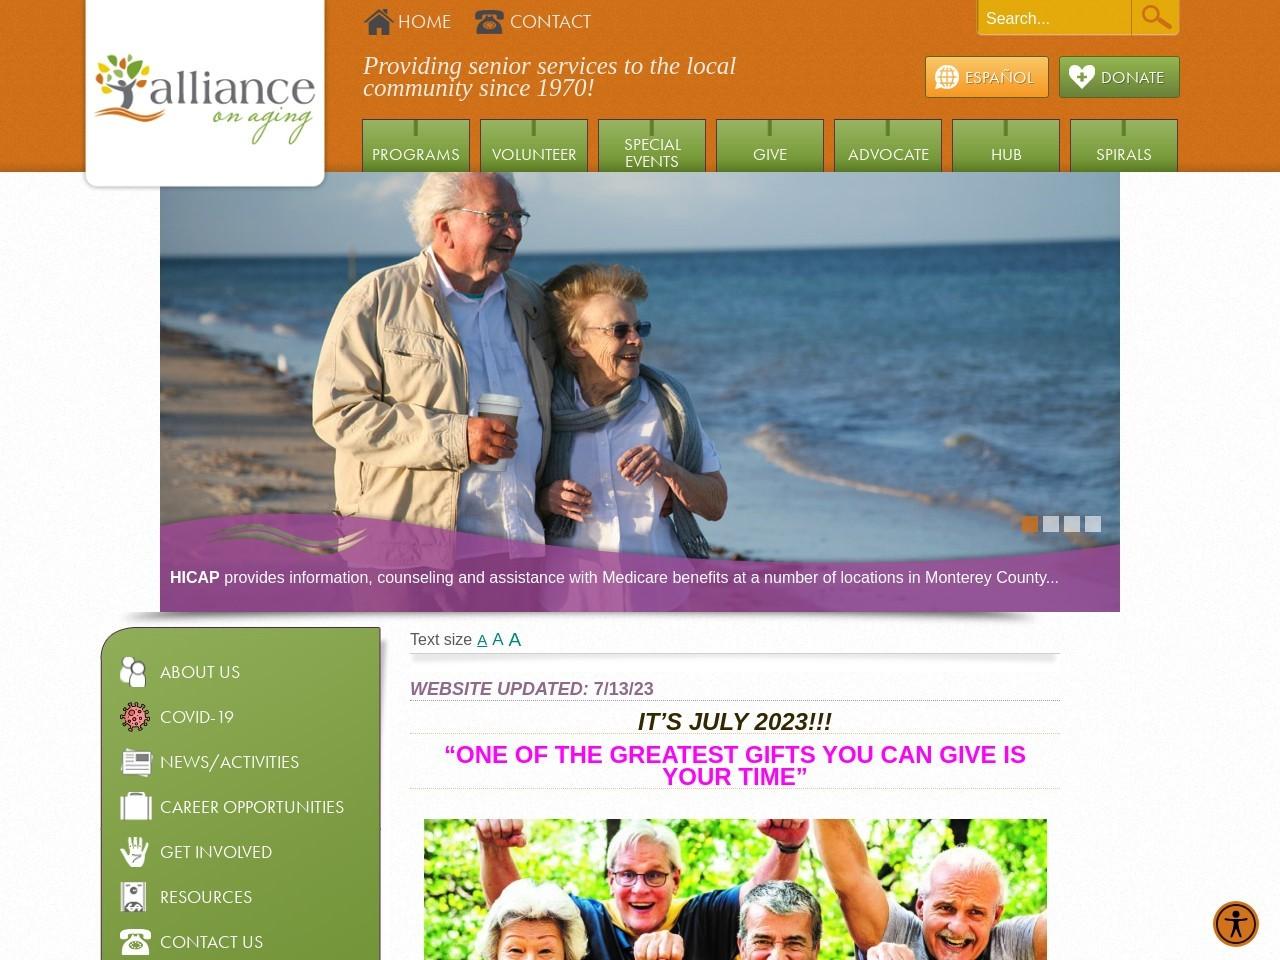 allianceonaging.org